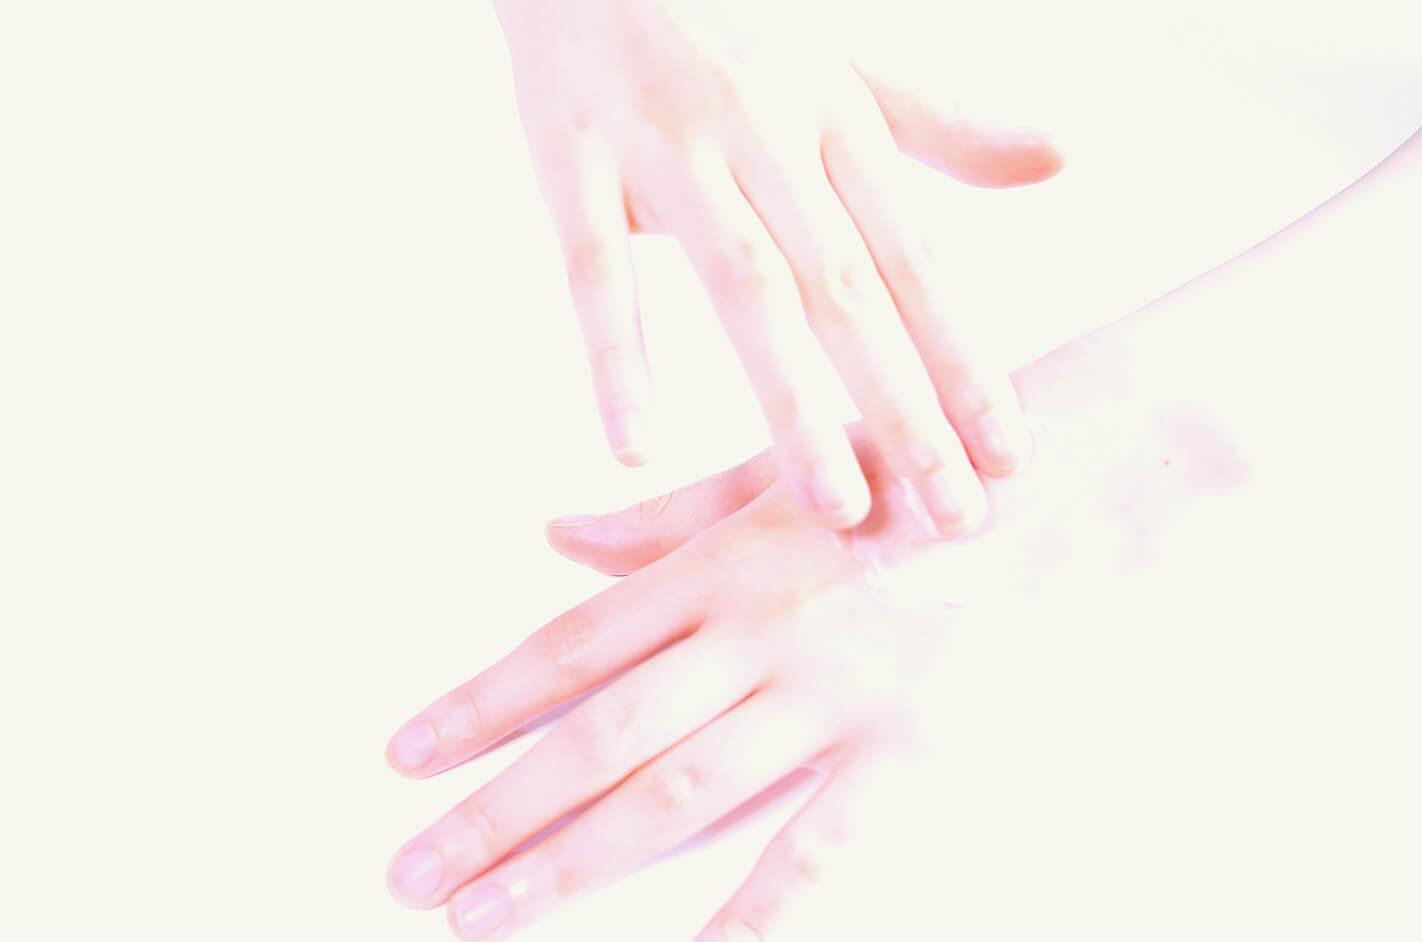 レイキヒーリングをする女性の手